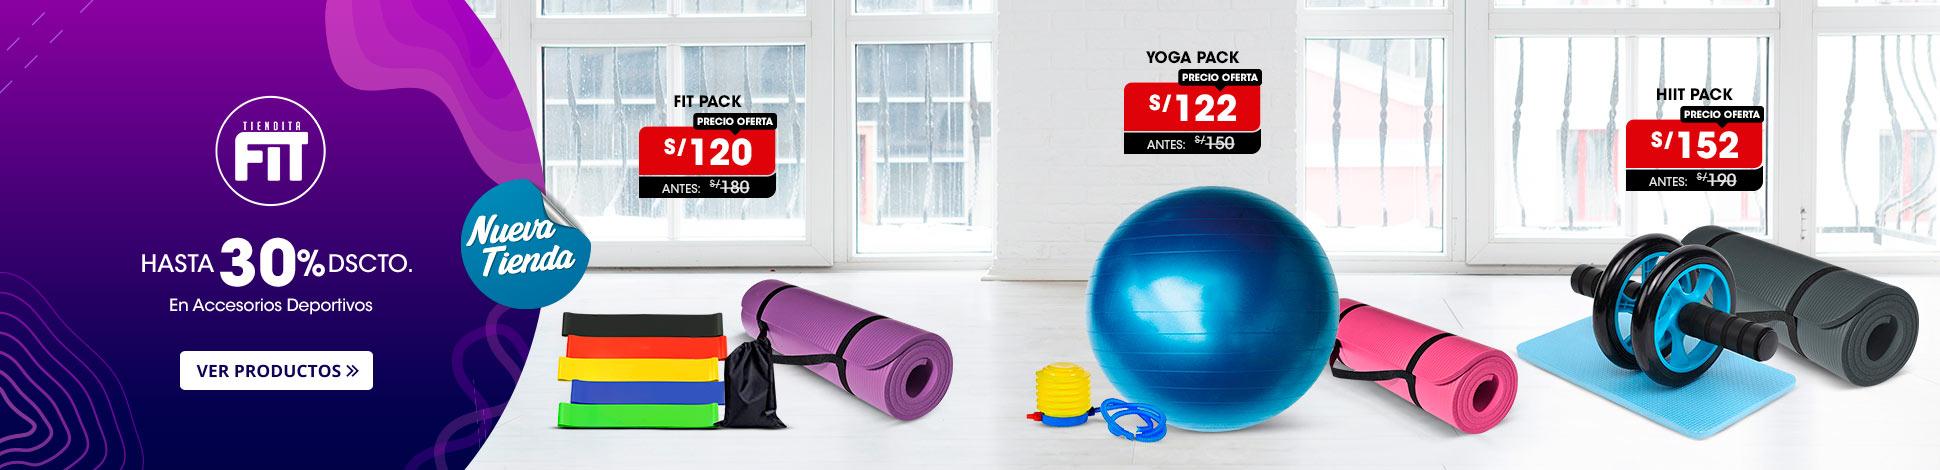 hs-deals (5).jpg | Juntoz.com